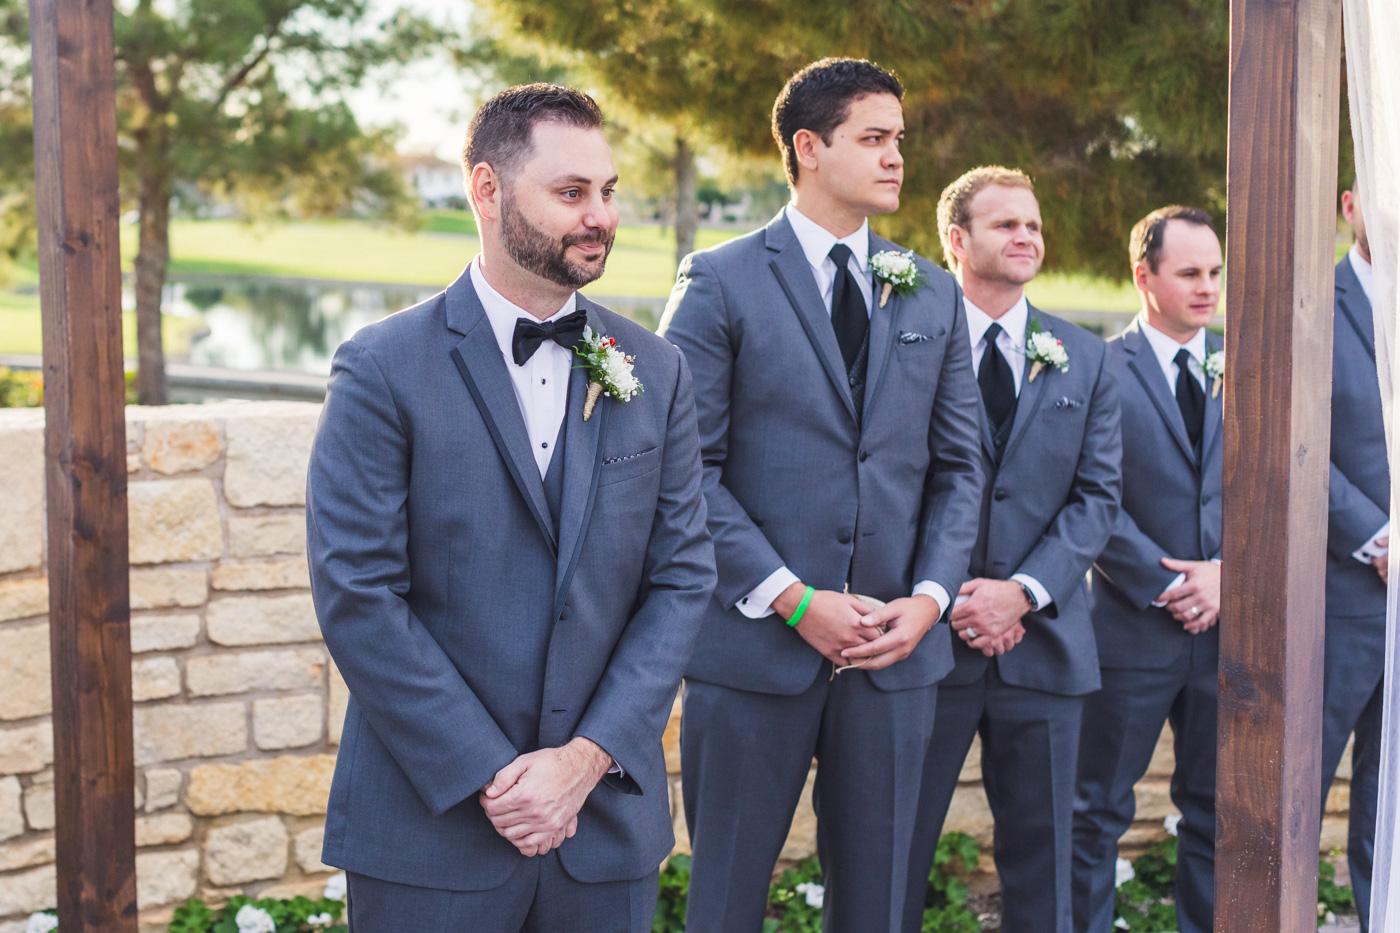 teary-groom-sees-bride-coming-down-aisle